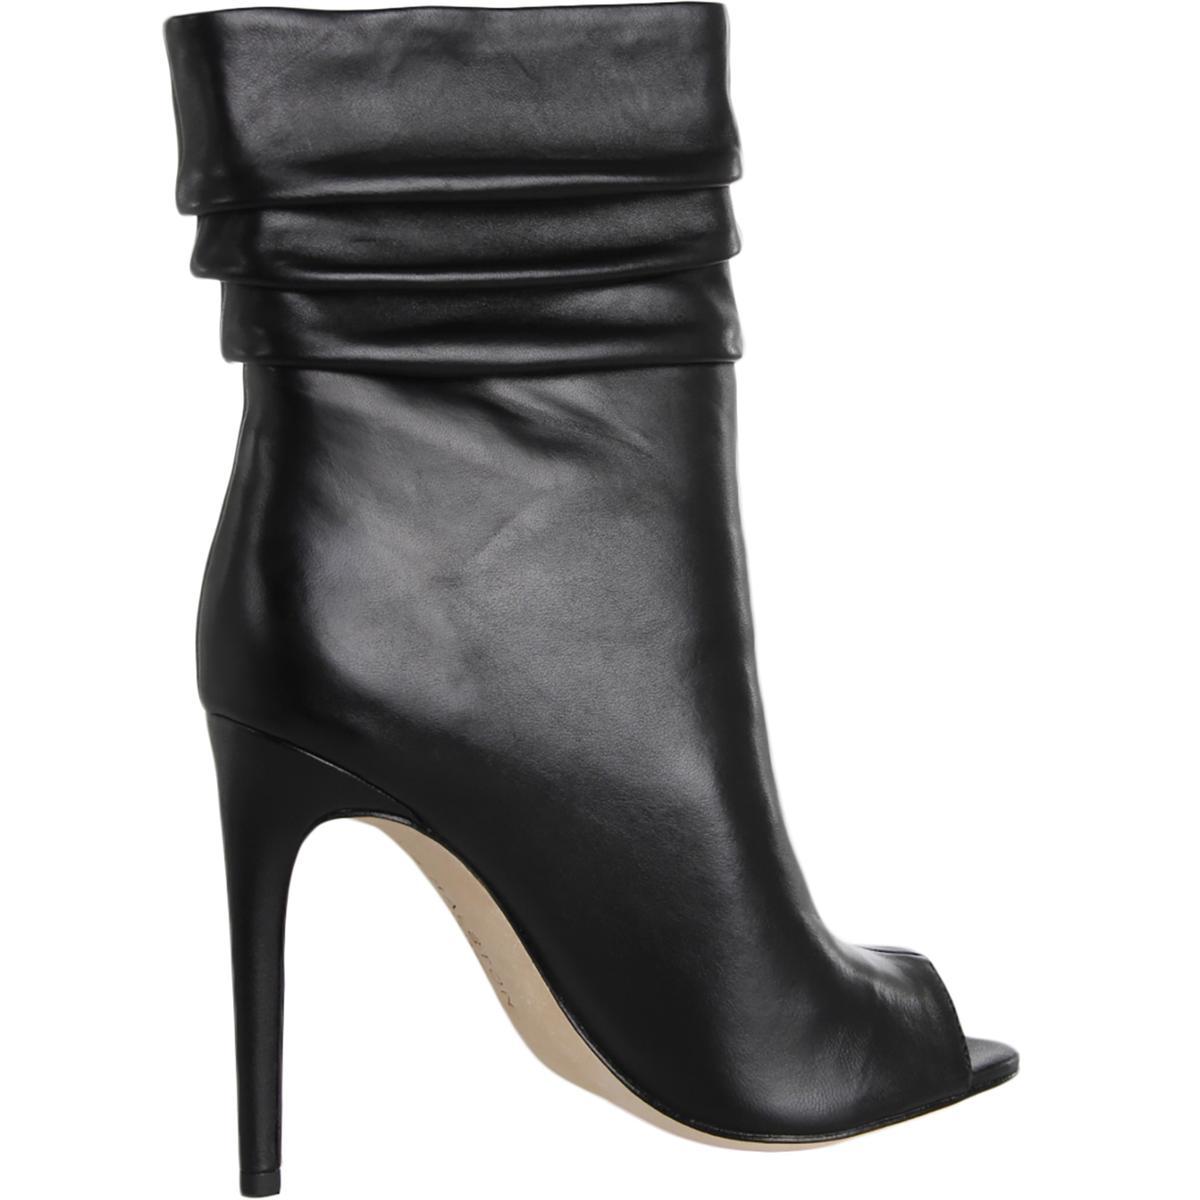 Halston Halston Halston Heritage femmes Sandra Pleated Open Toe Mid-Calf bottes chaussures BHFO 1749 1e342f